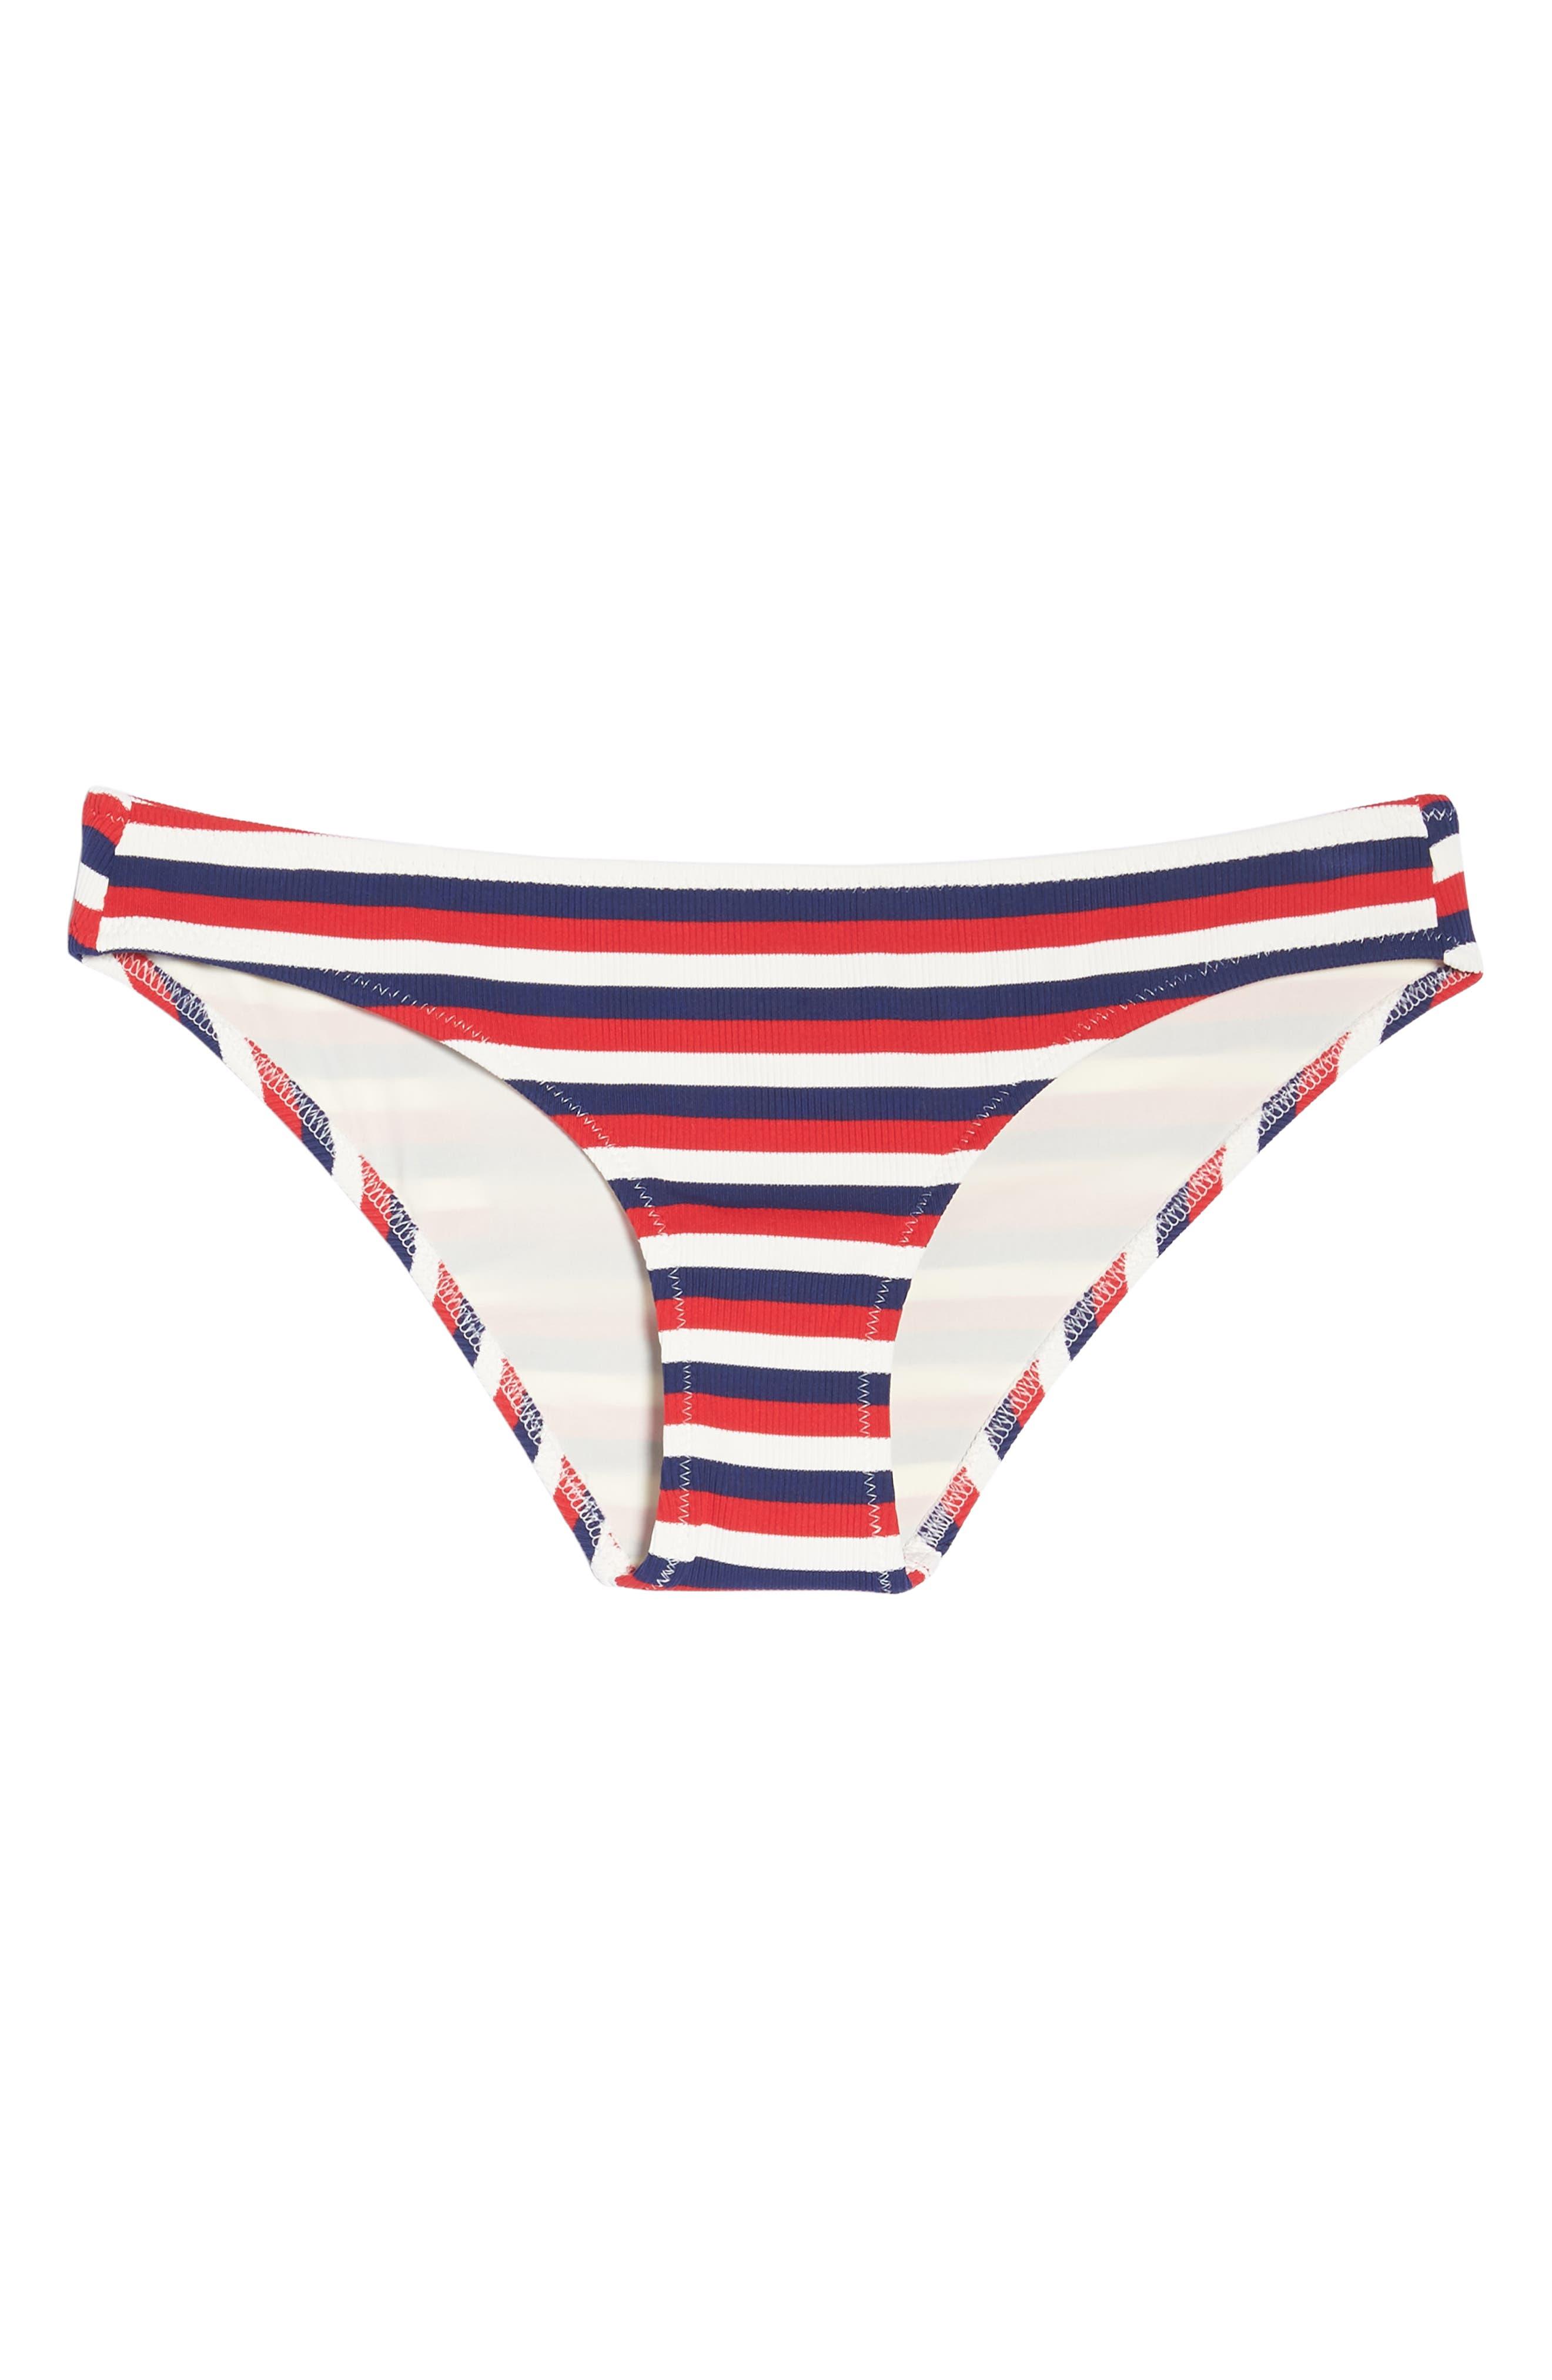 Elle Bikini Bottoms,                             Alternate thumbnail 9, color,                             American Rib